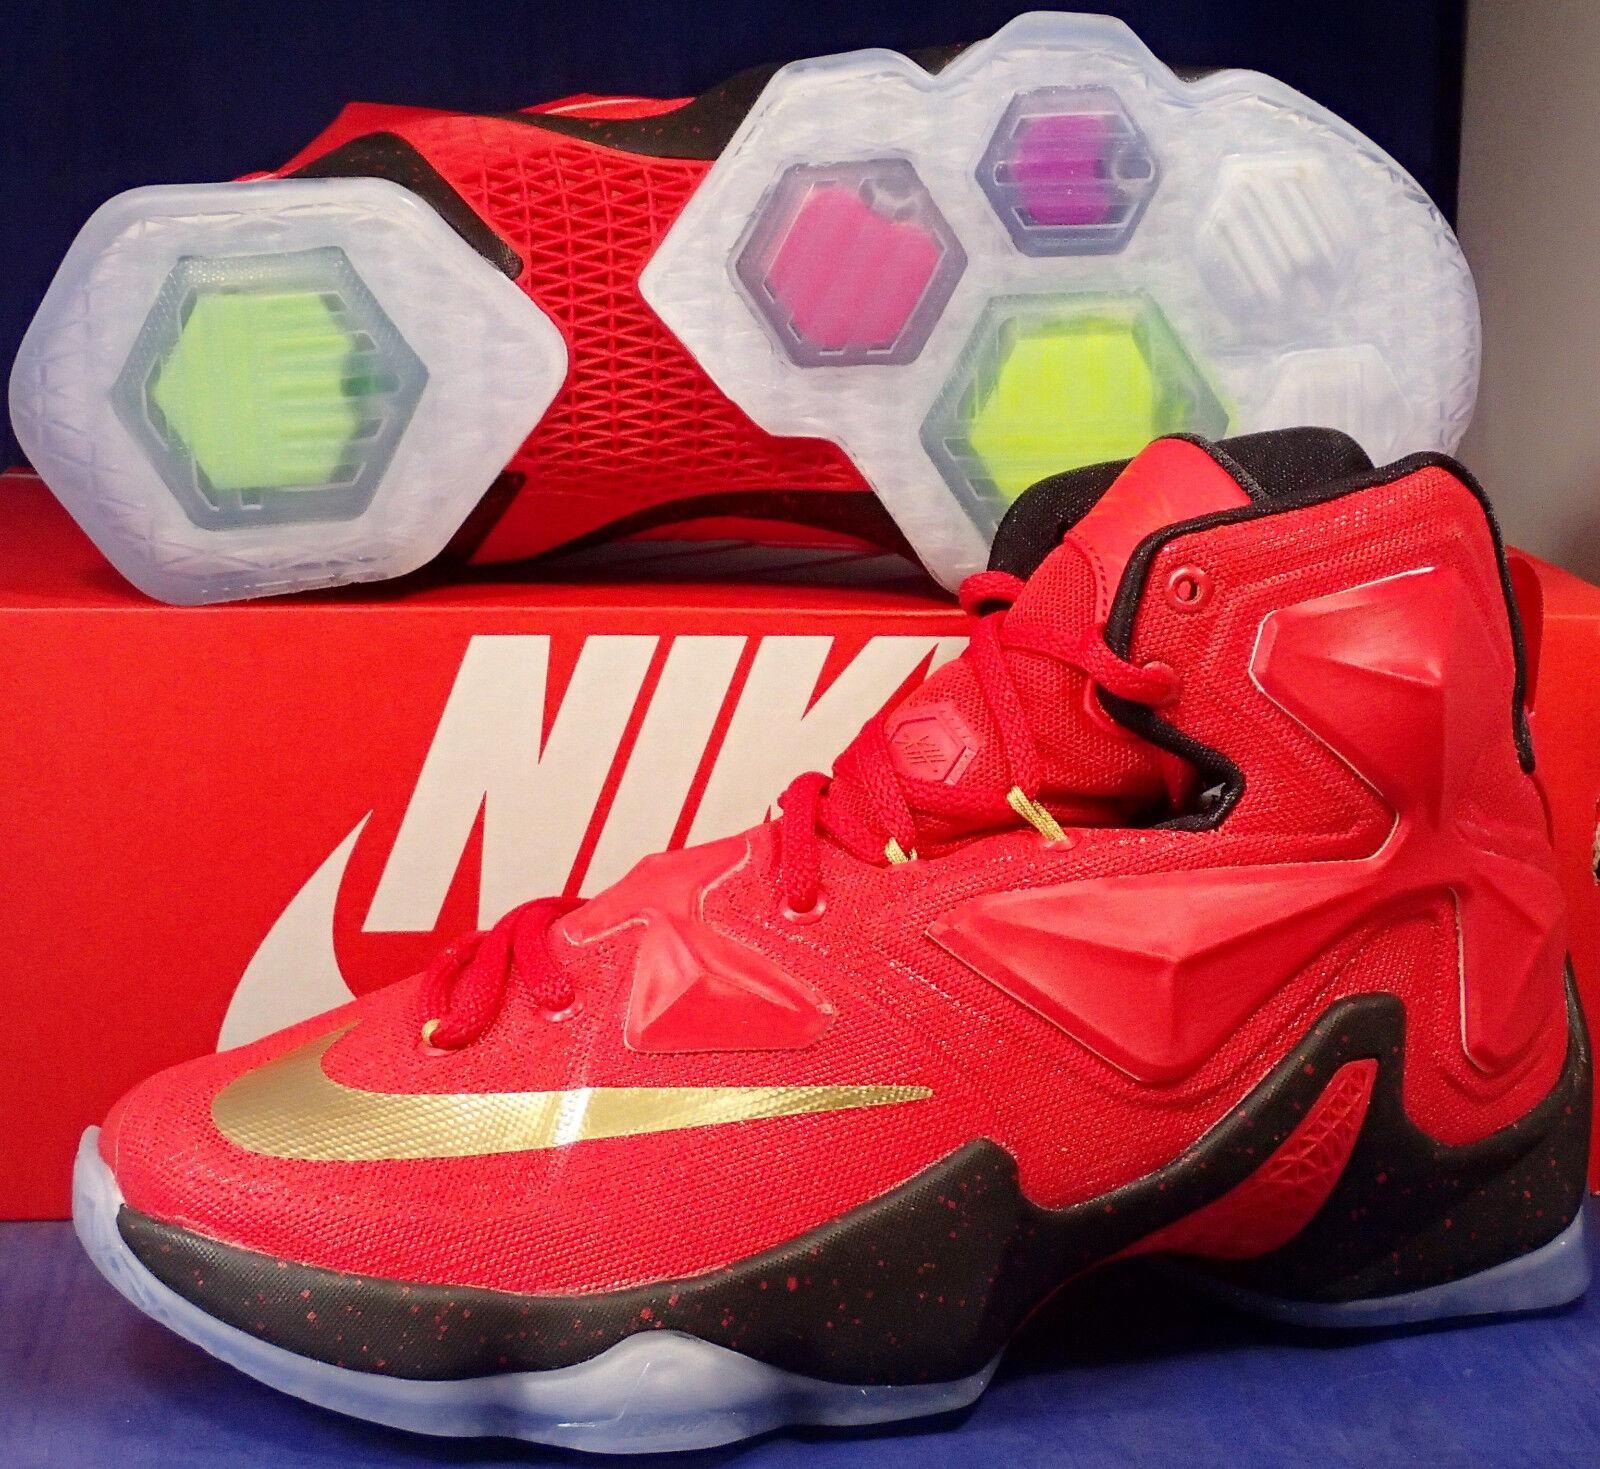 Nike lebron xiii 13 id palestra oro rosso nero sz noi 7 / donne sz (836141-992)